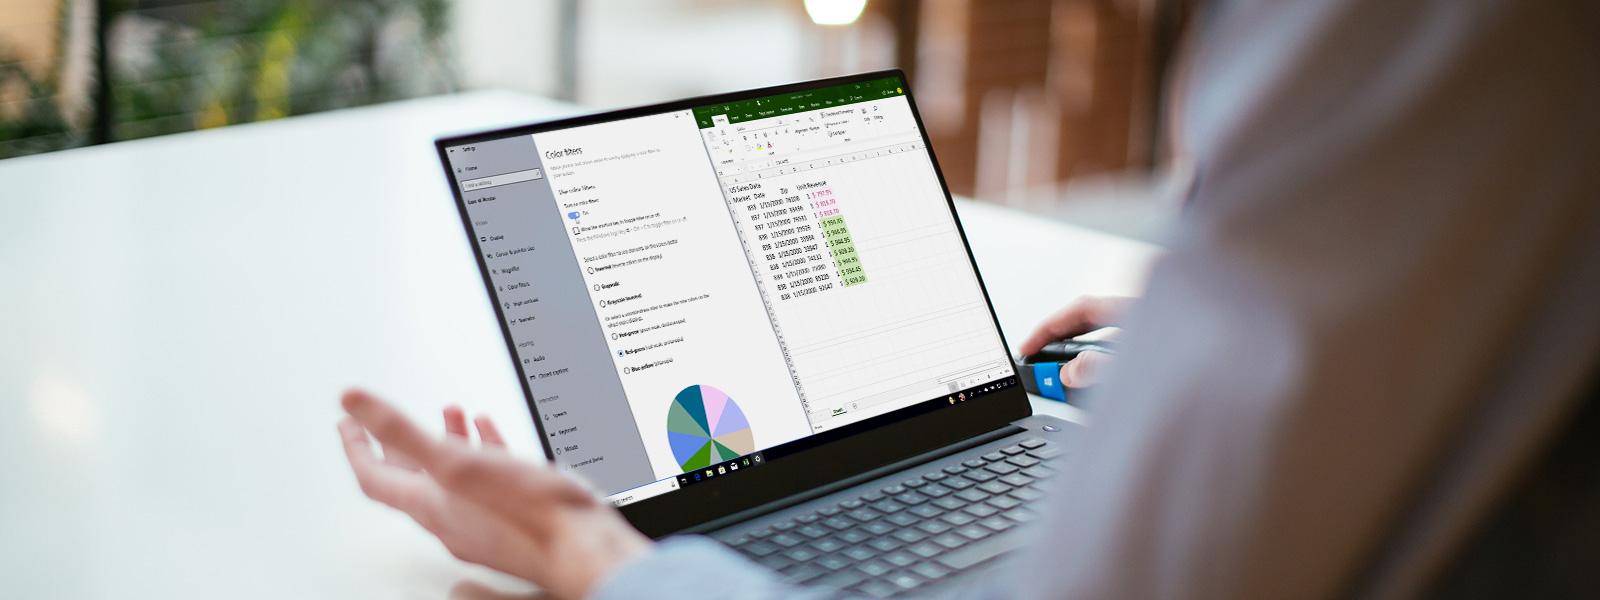 Osoba korzystająca z laptopa z włączonymi filtrami kolorów w systemie Windows 10